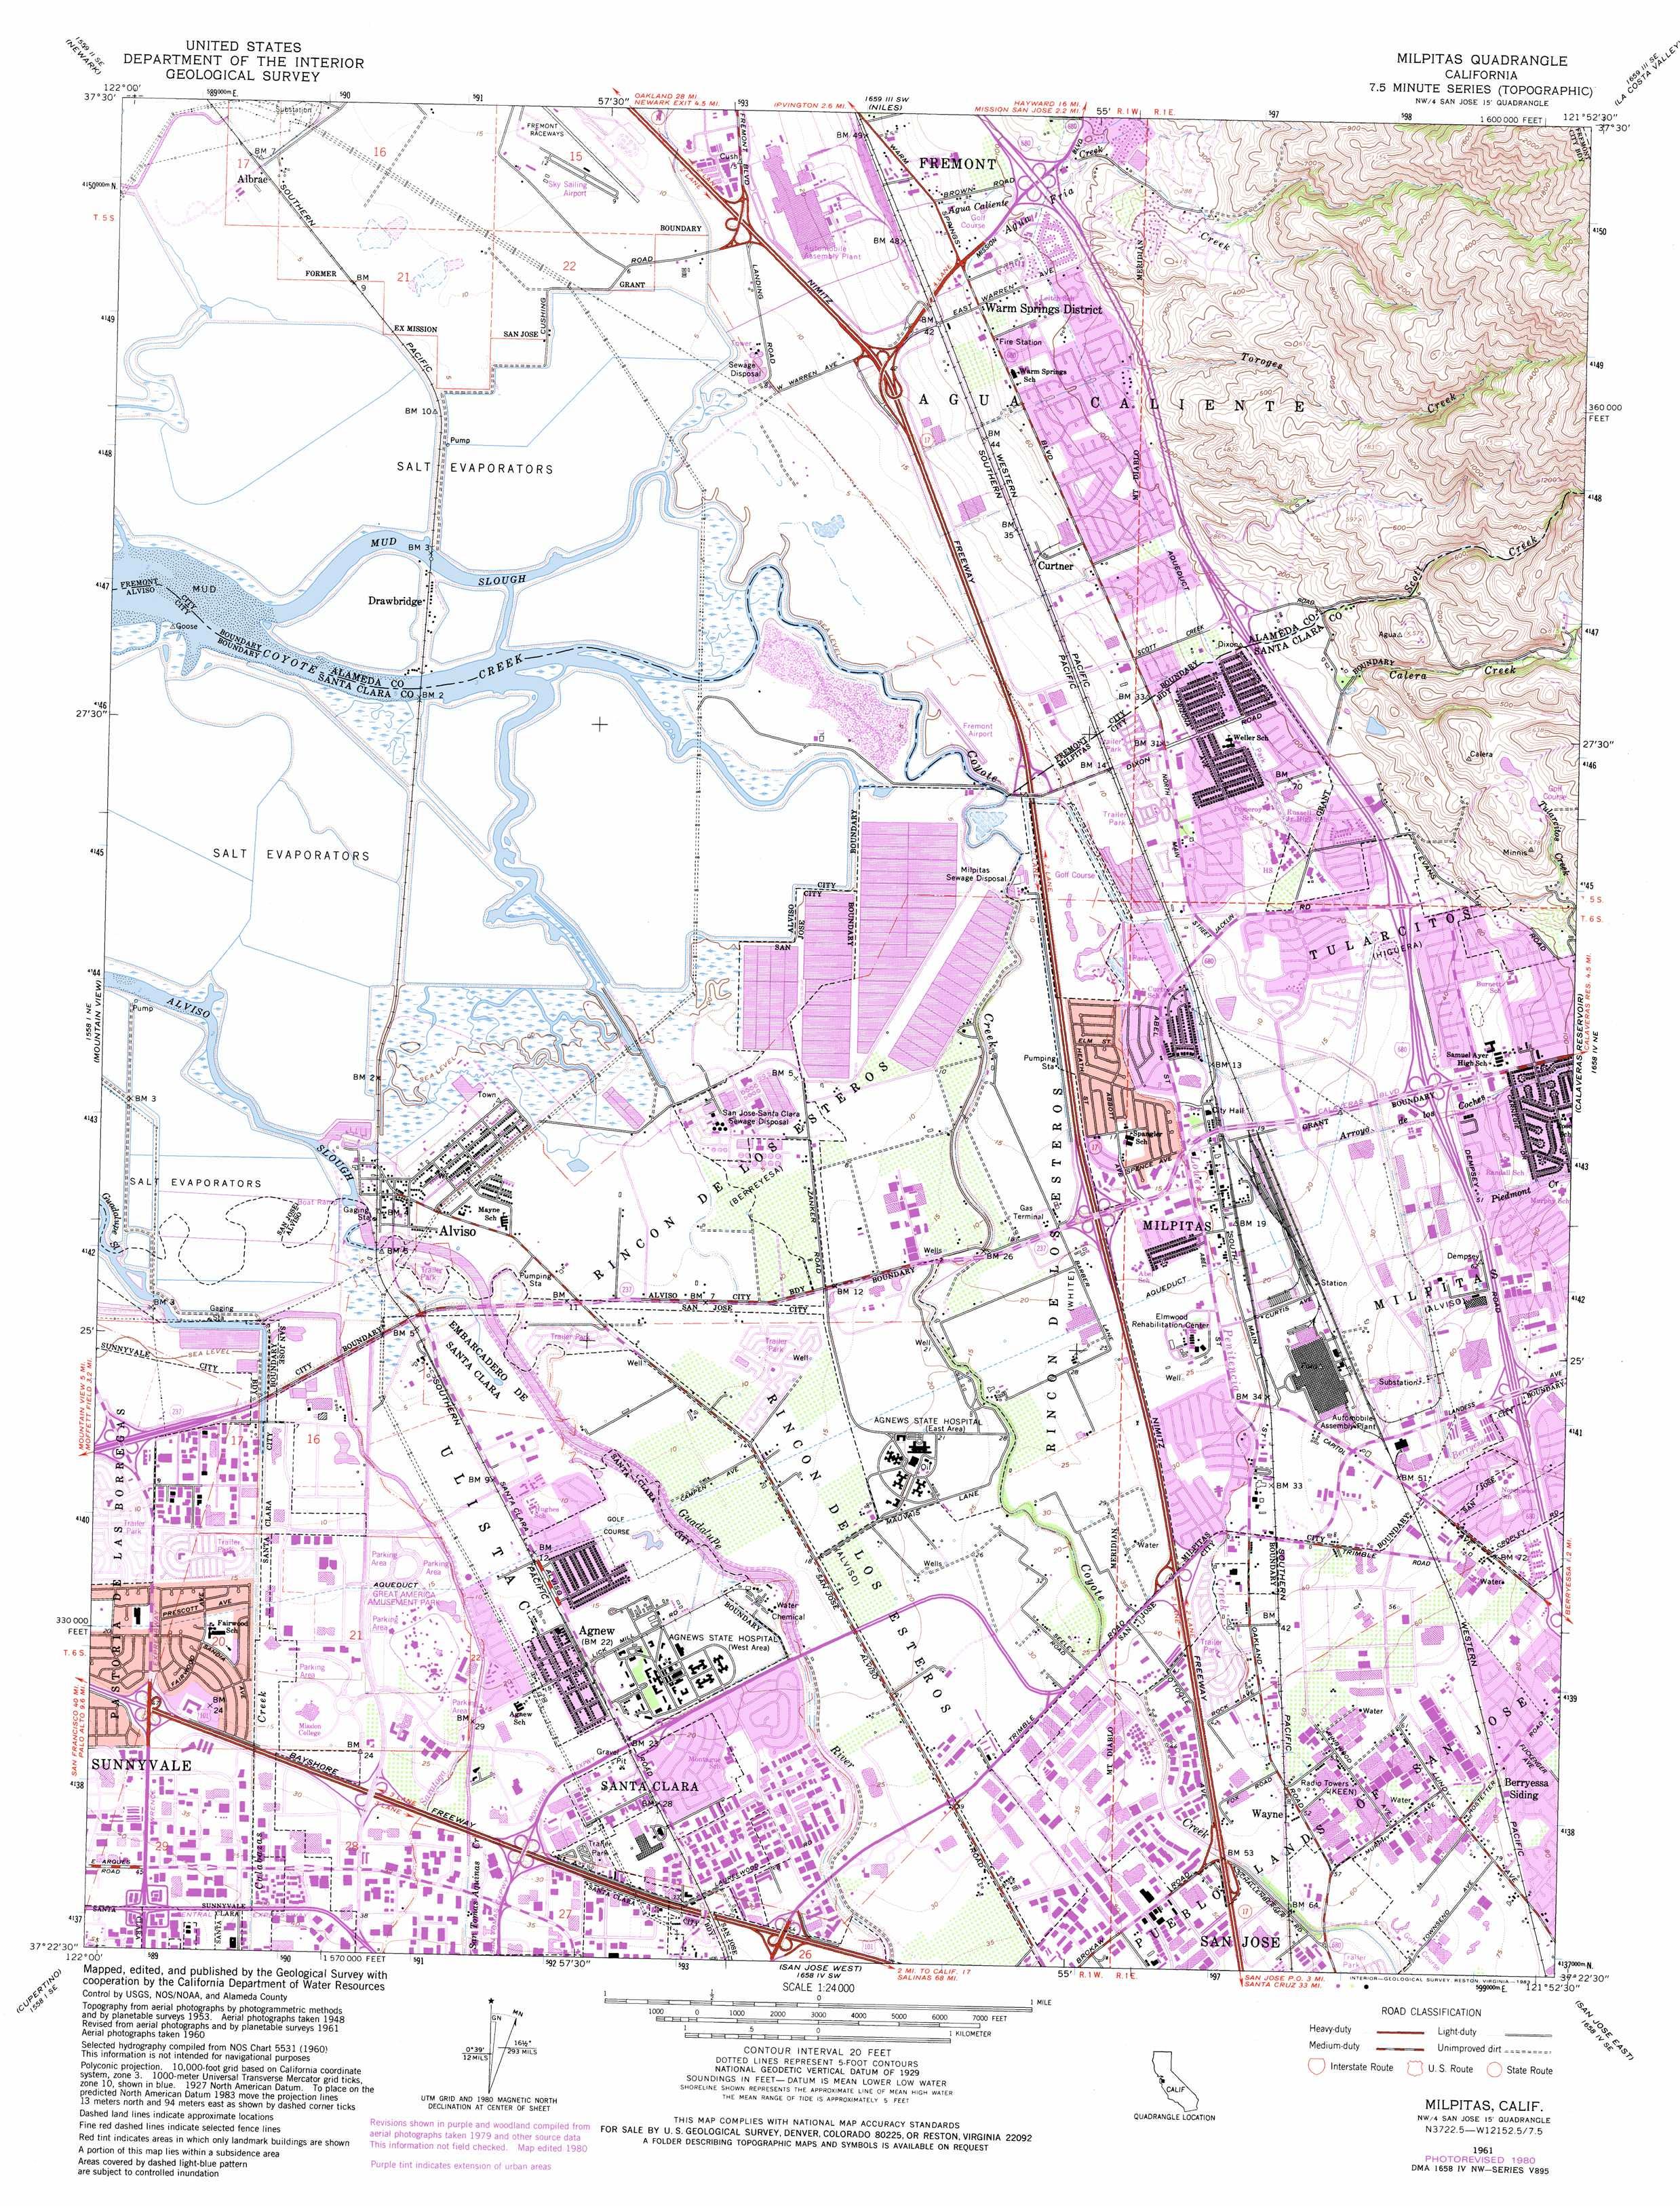 Milpitas topographic map, CA - USGS Topo Quad 37121d8